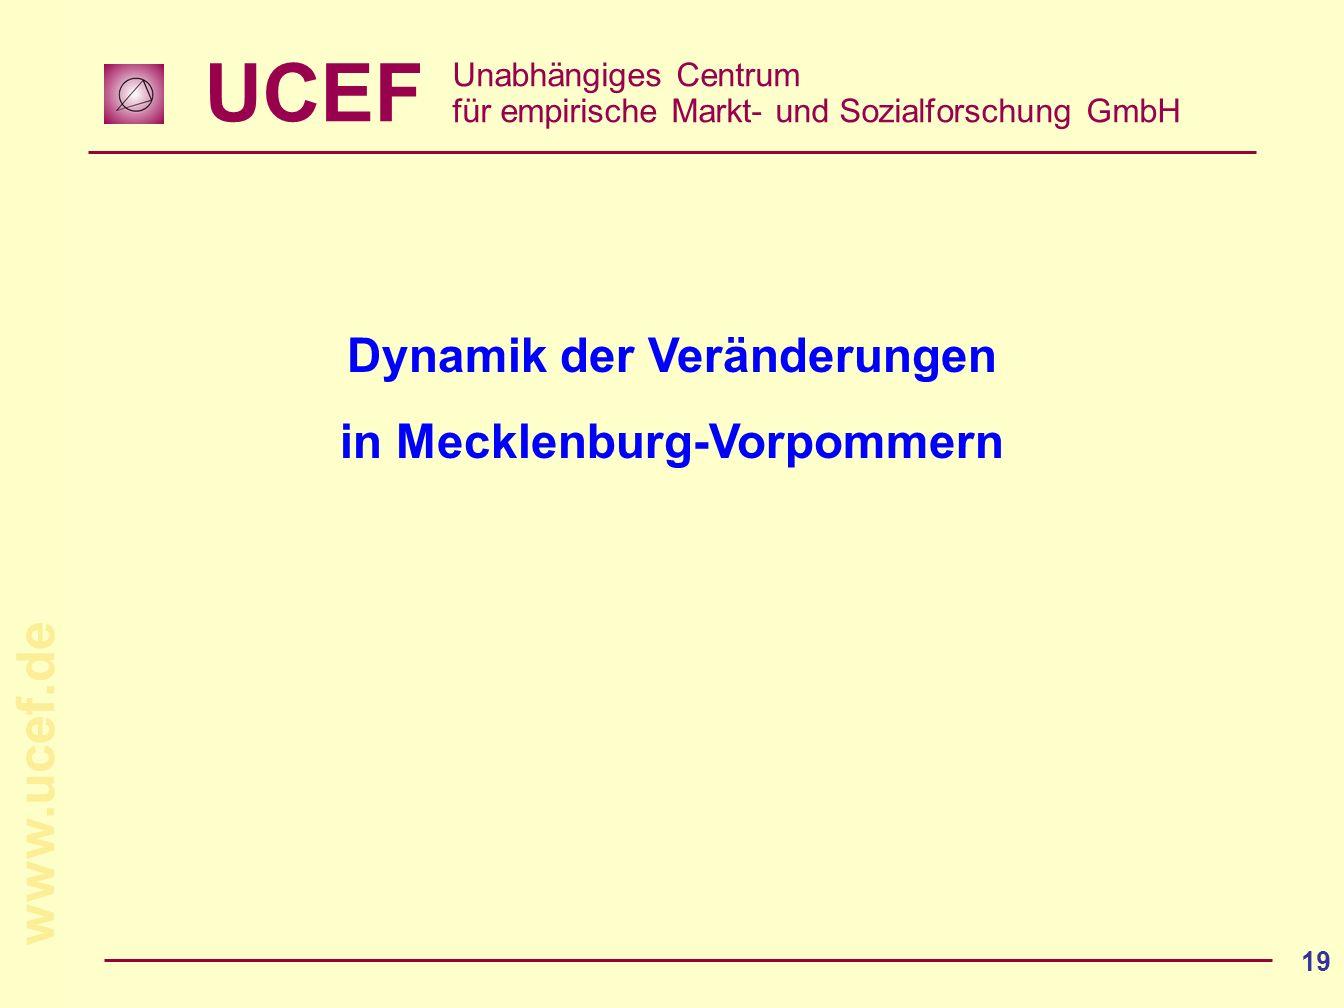 Dynamik der Veränderungen in Mecklenburg-Vorpommern